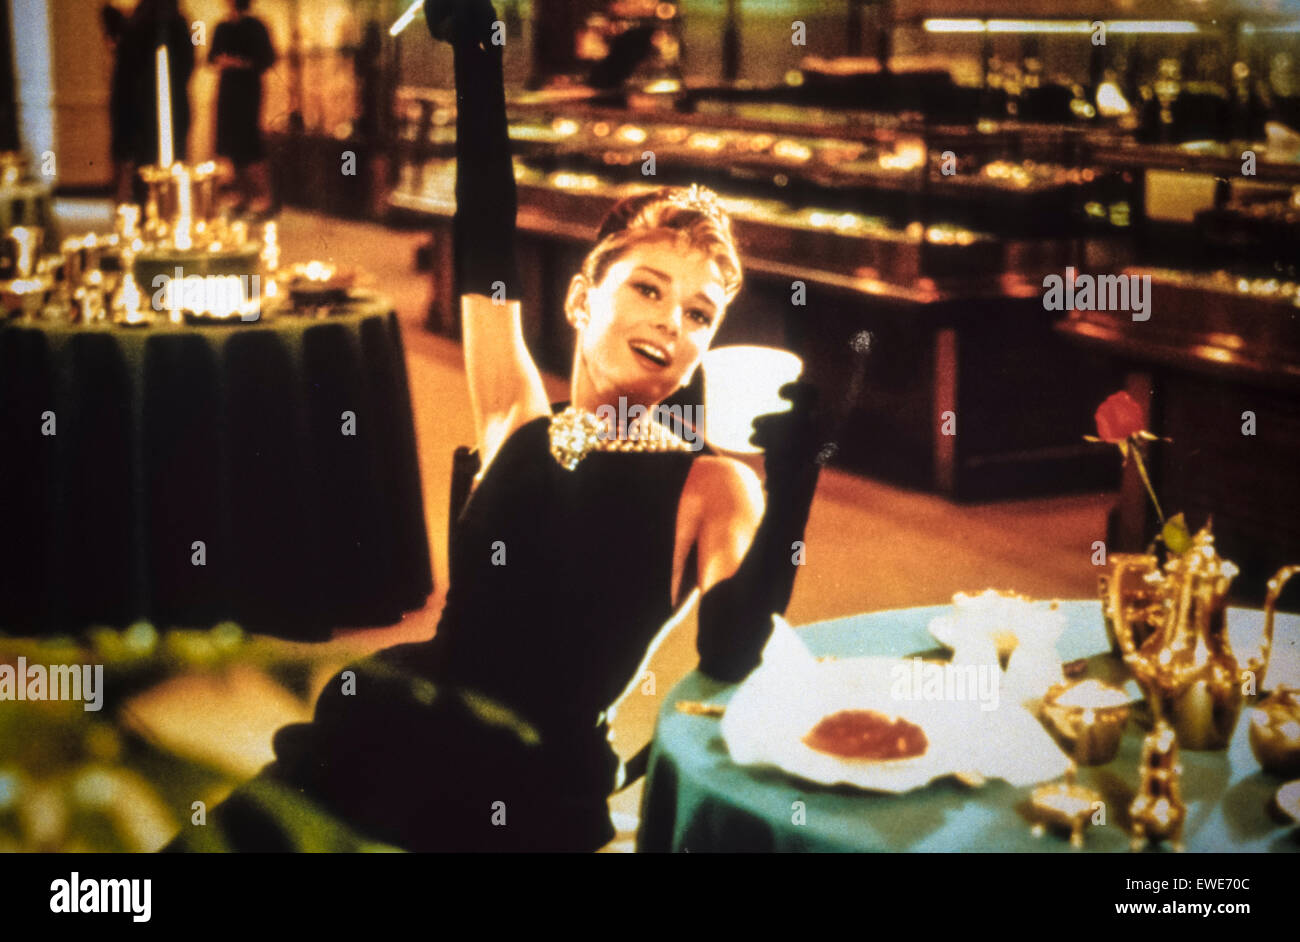 breakfast at tiffany's - Stock Image